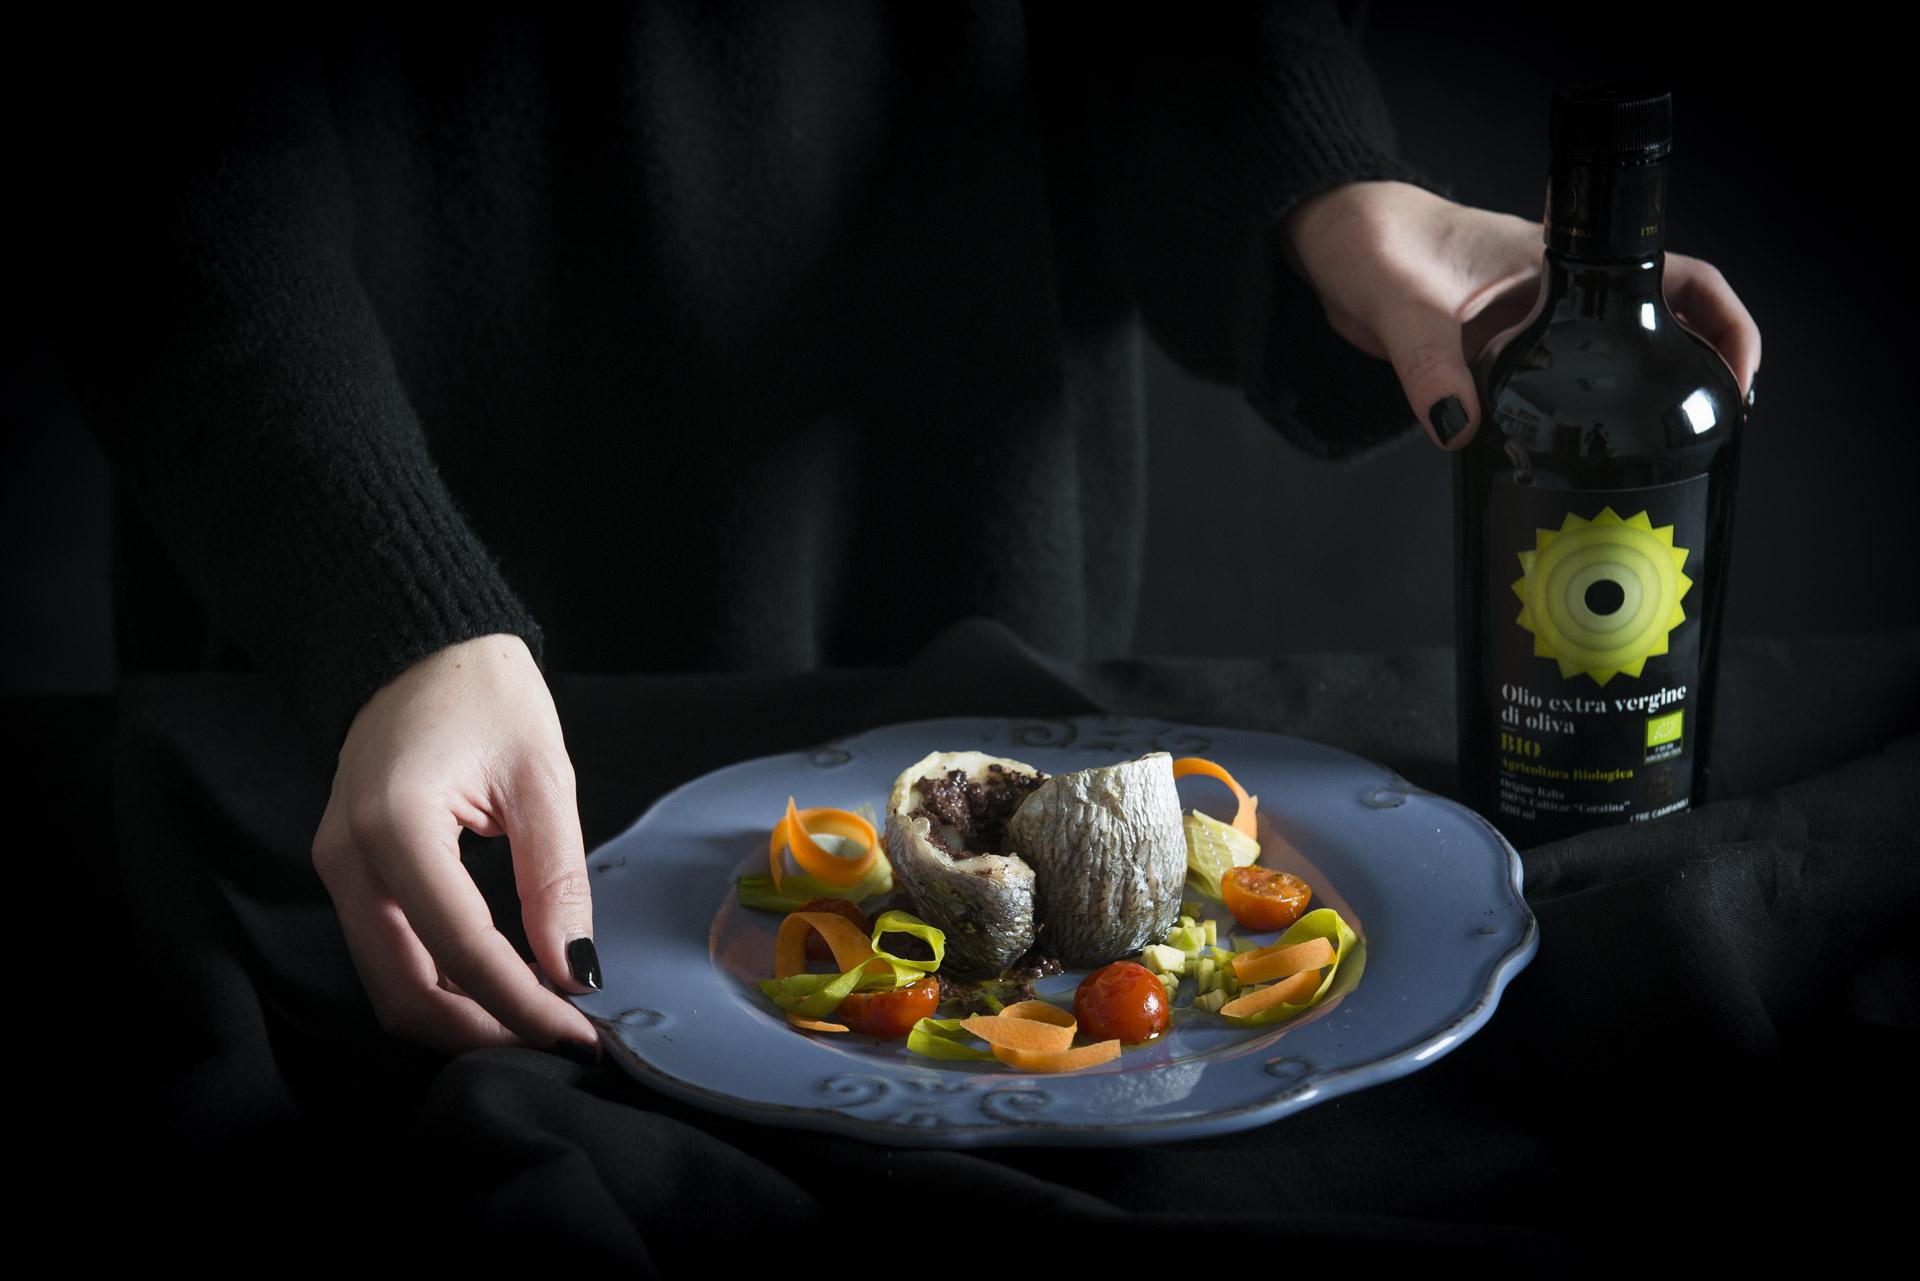 Turbanti di orata in crosta di olive, con avocado e pomodorini confit